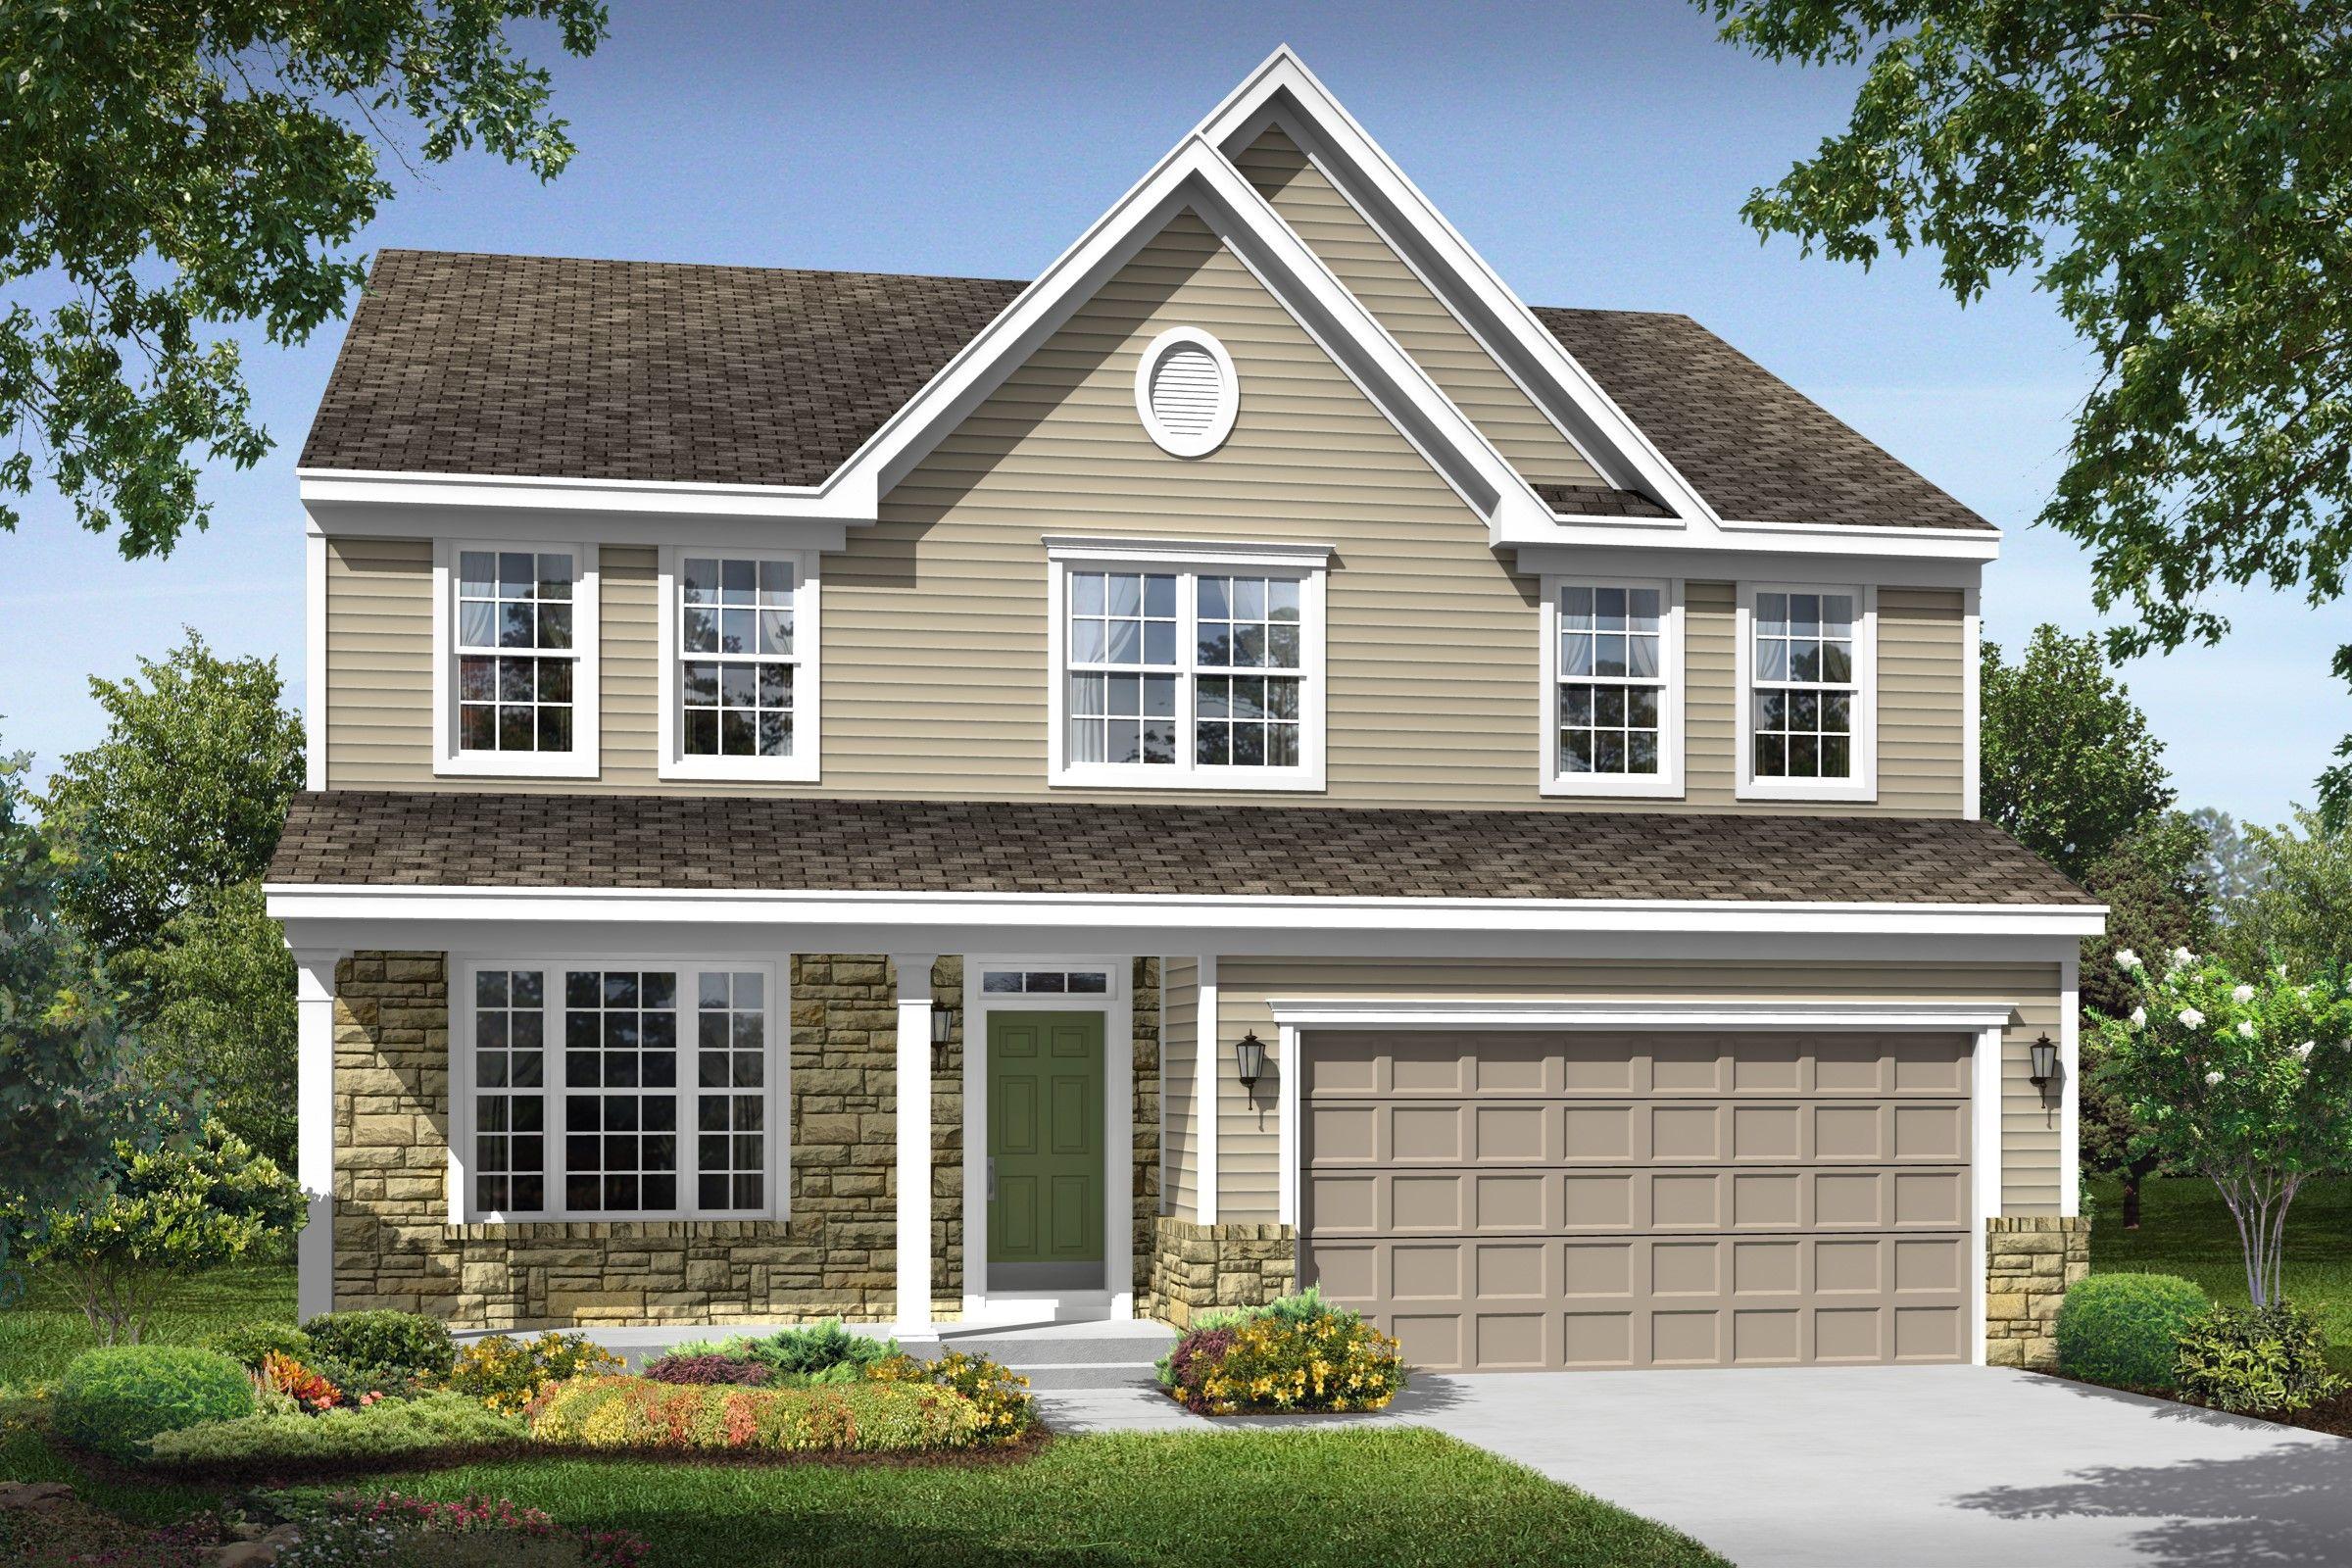 6430 Ocelot Street, Homesite 5F, Waldorf, MD Homes & Land - Real Estate